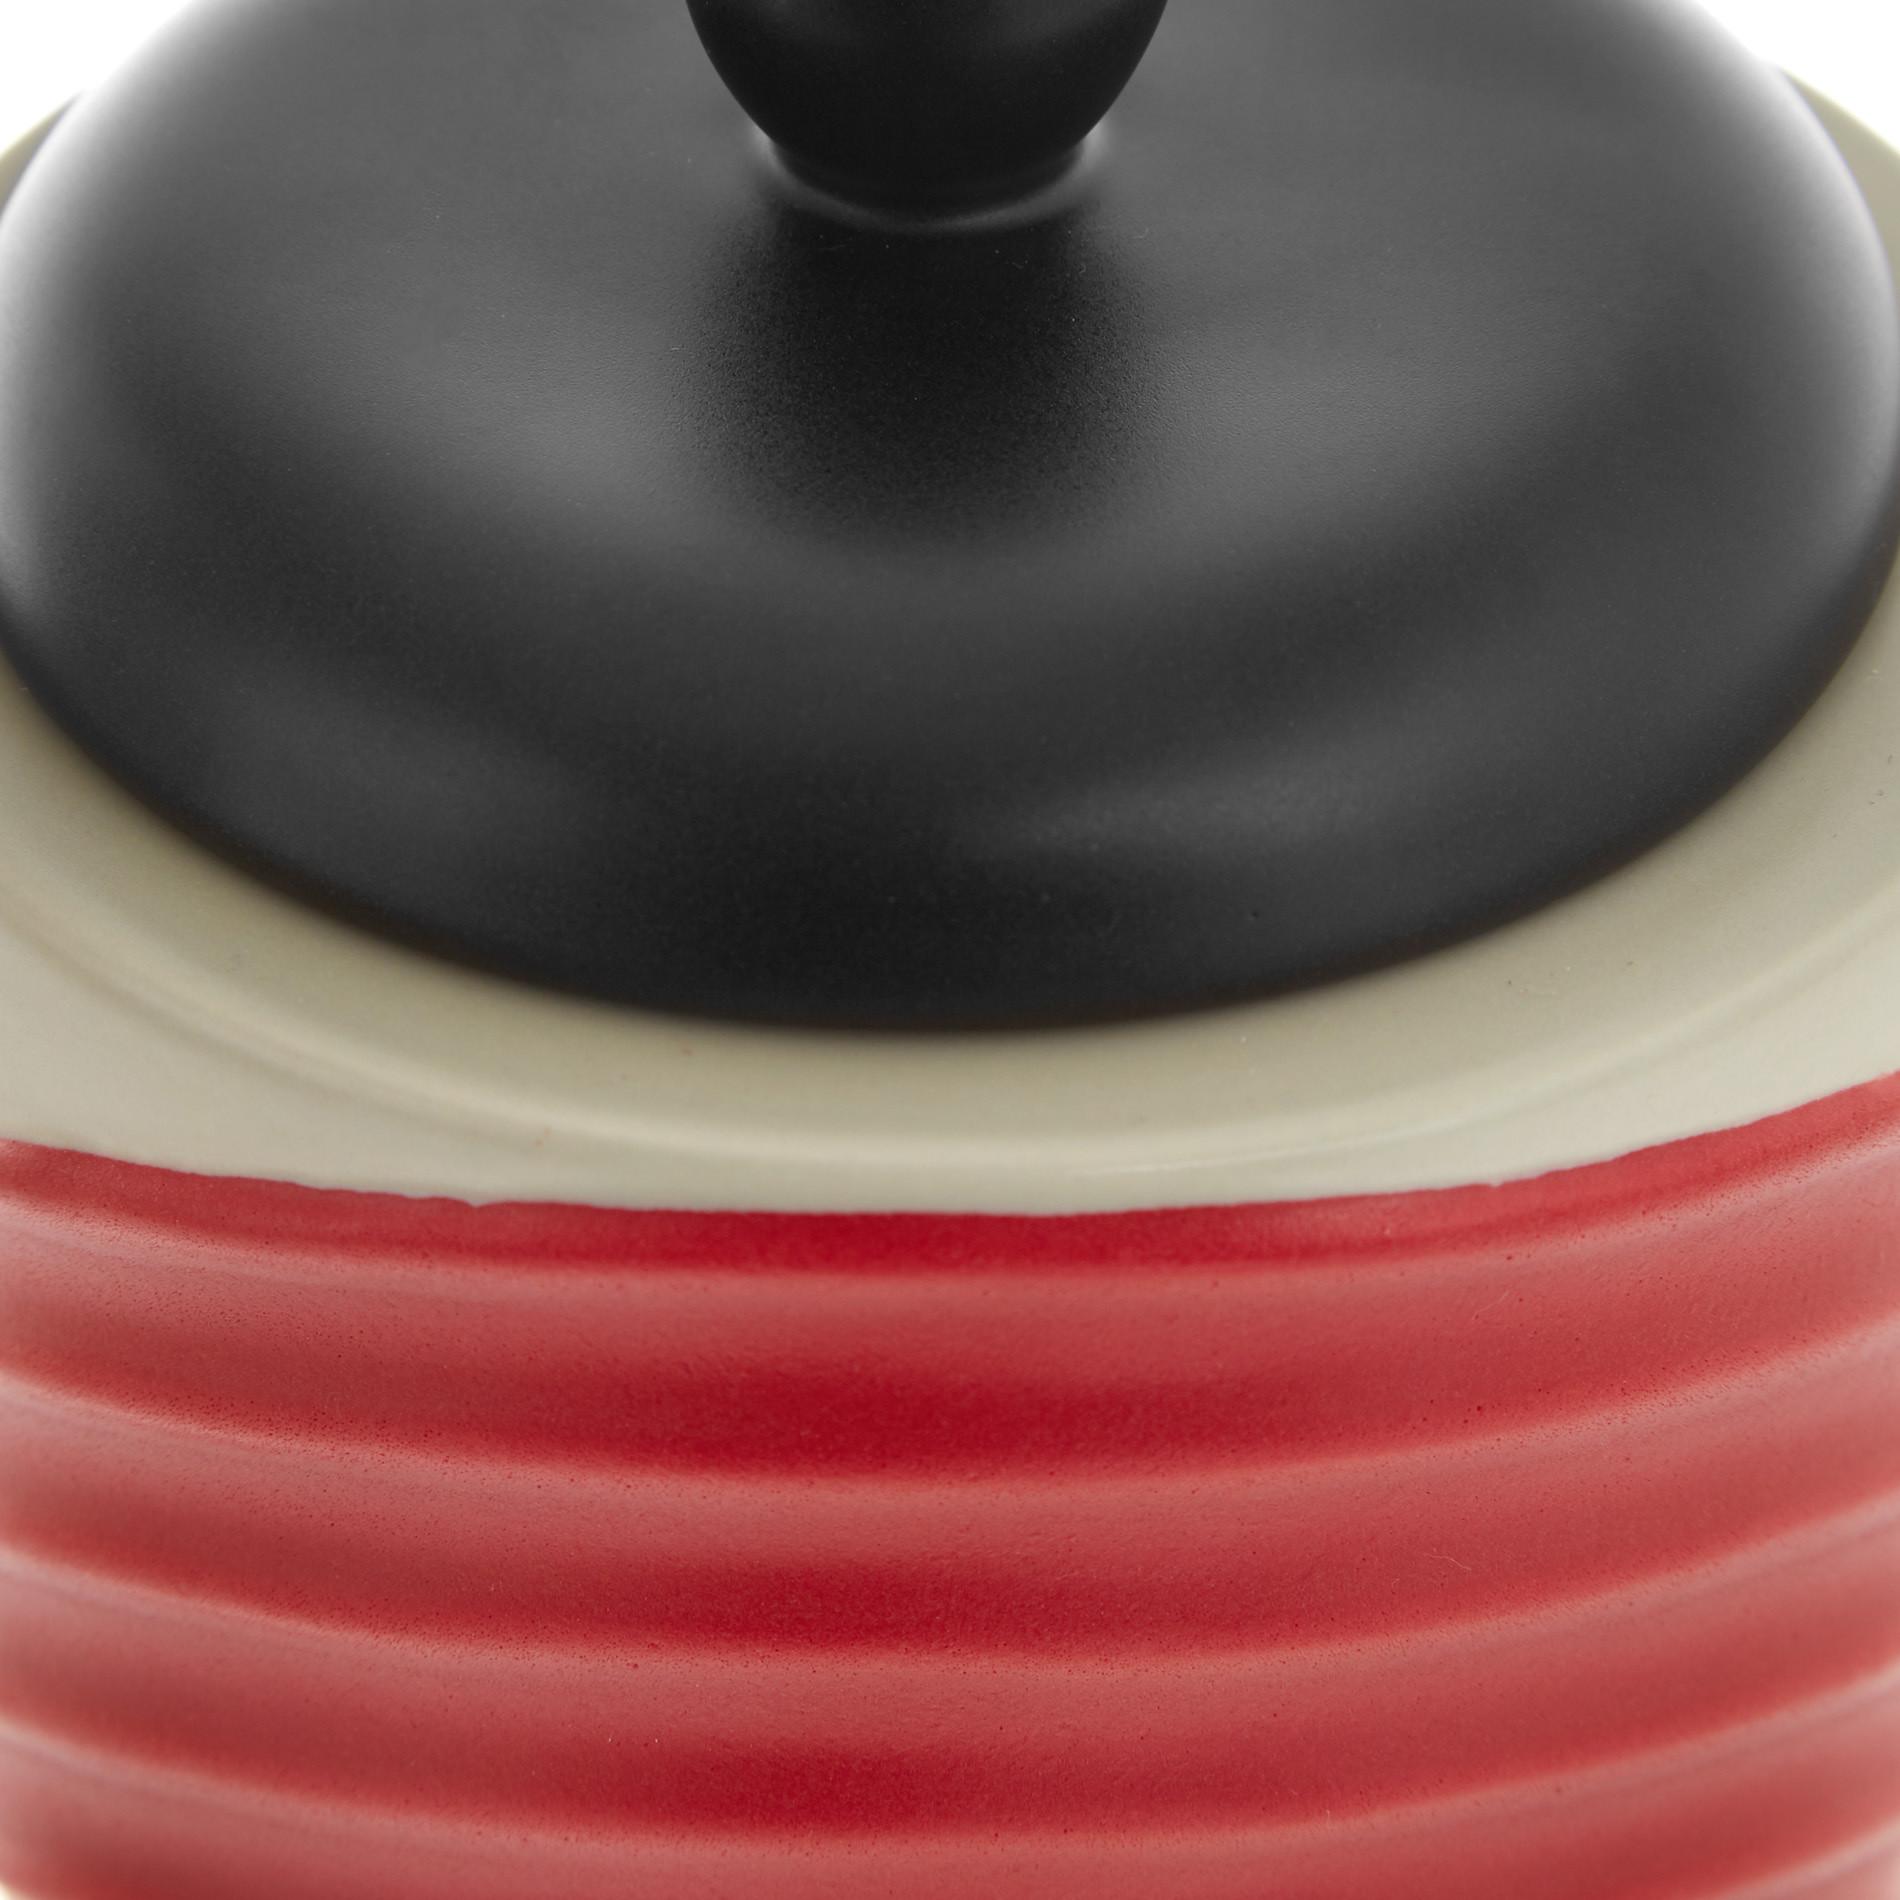 Box ceramica artigianale portoghese, Rosso, large image number 2